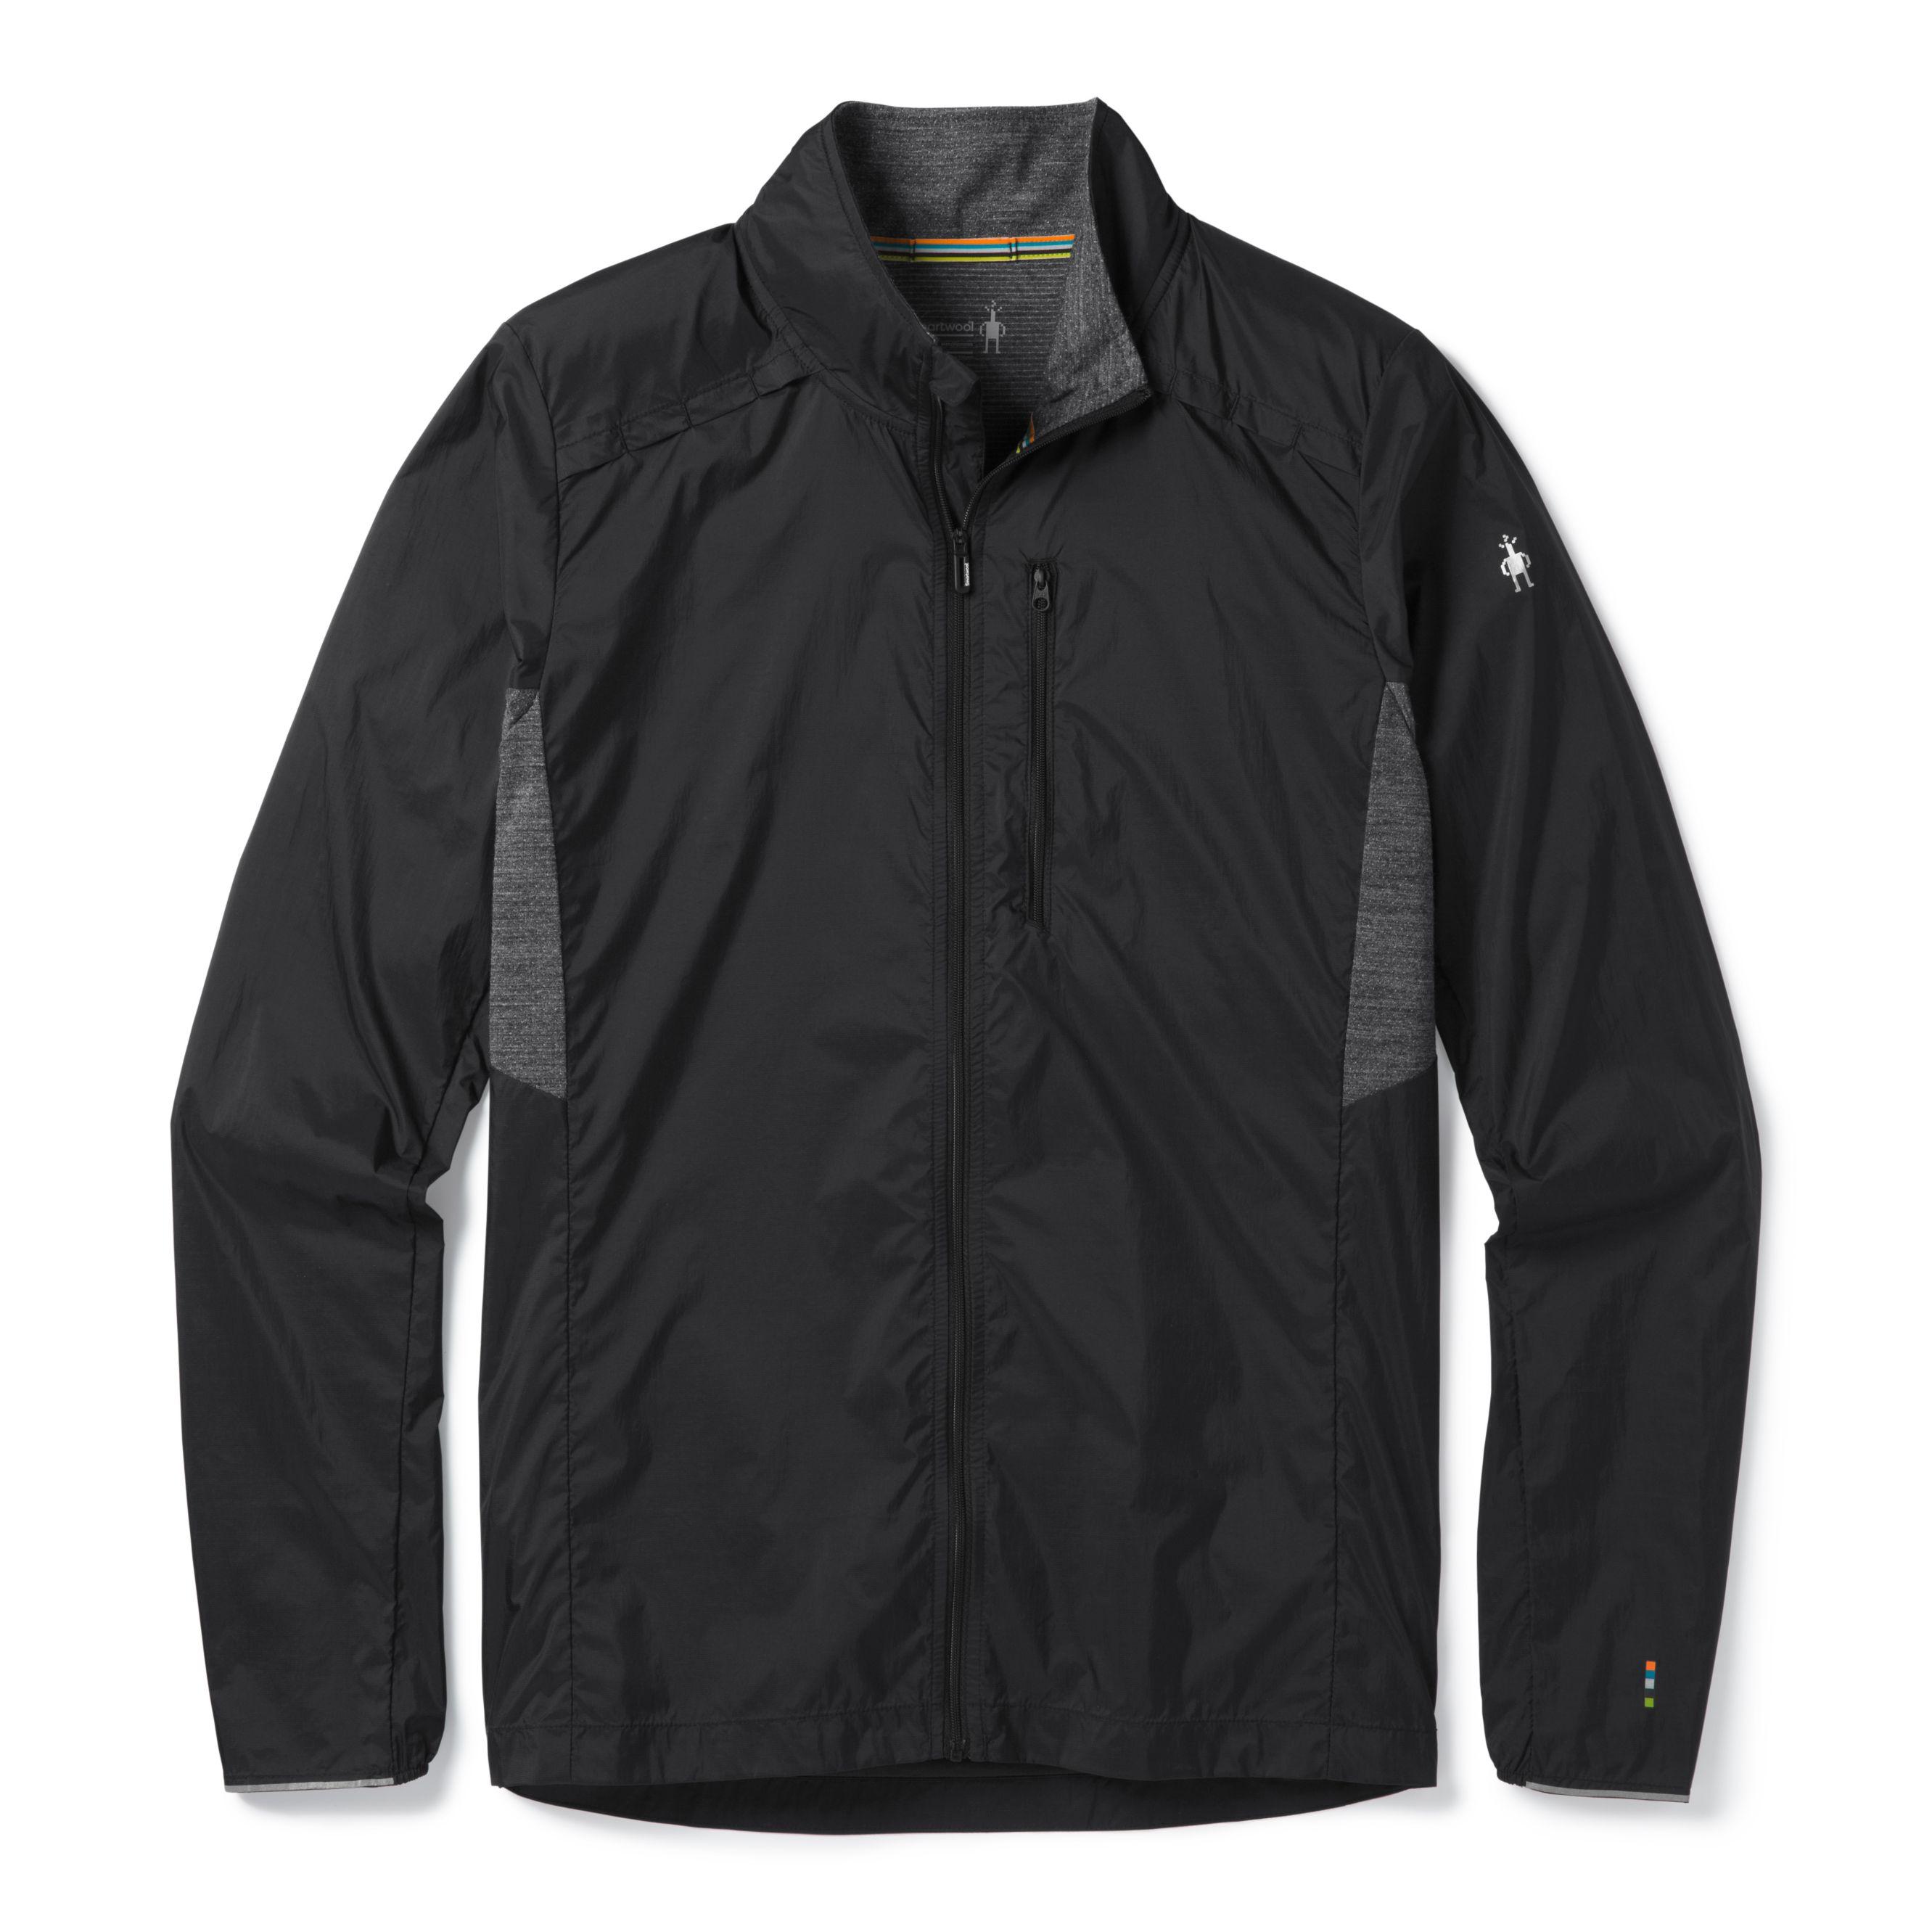 Merino Sport Ultra Light Jacket - Men's